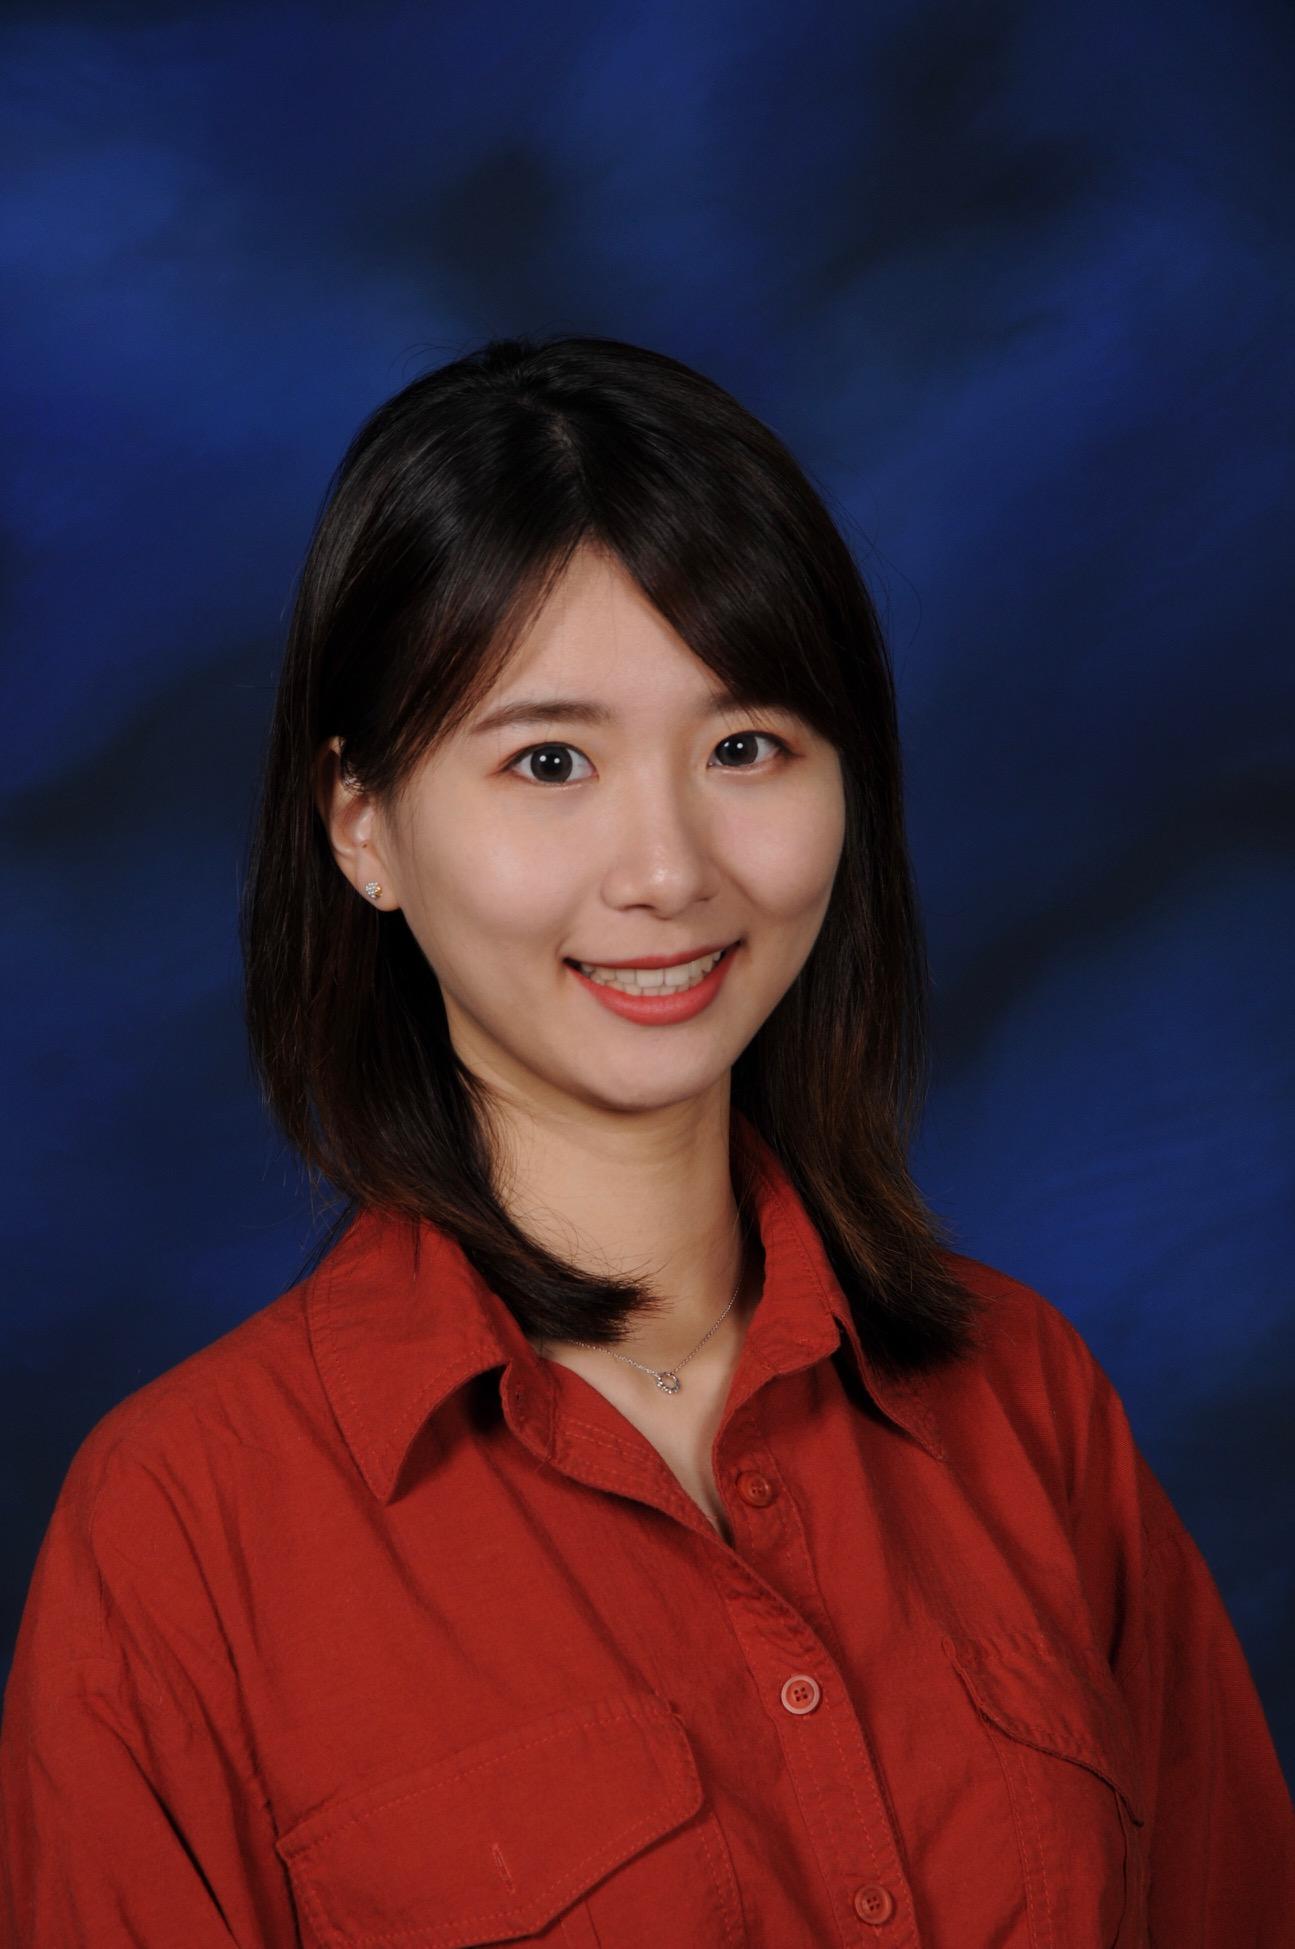 Shenyi Li